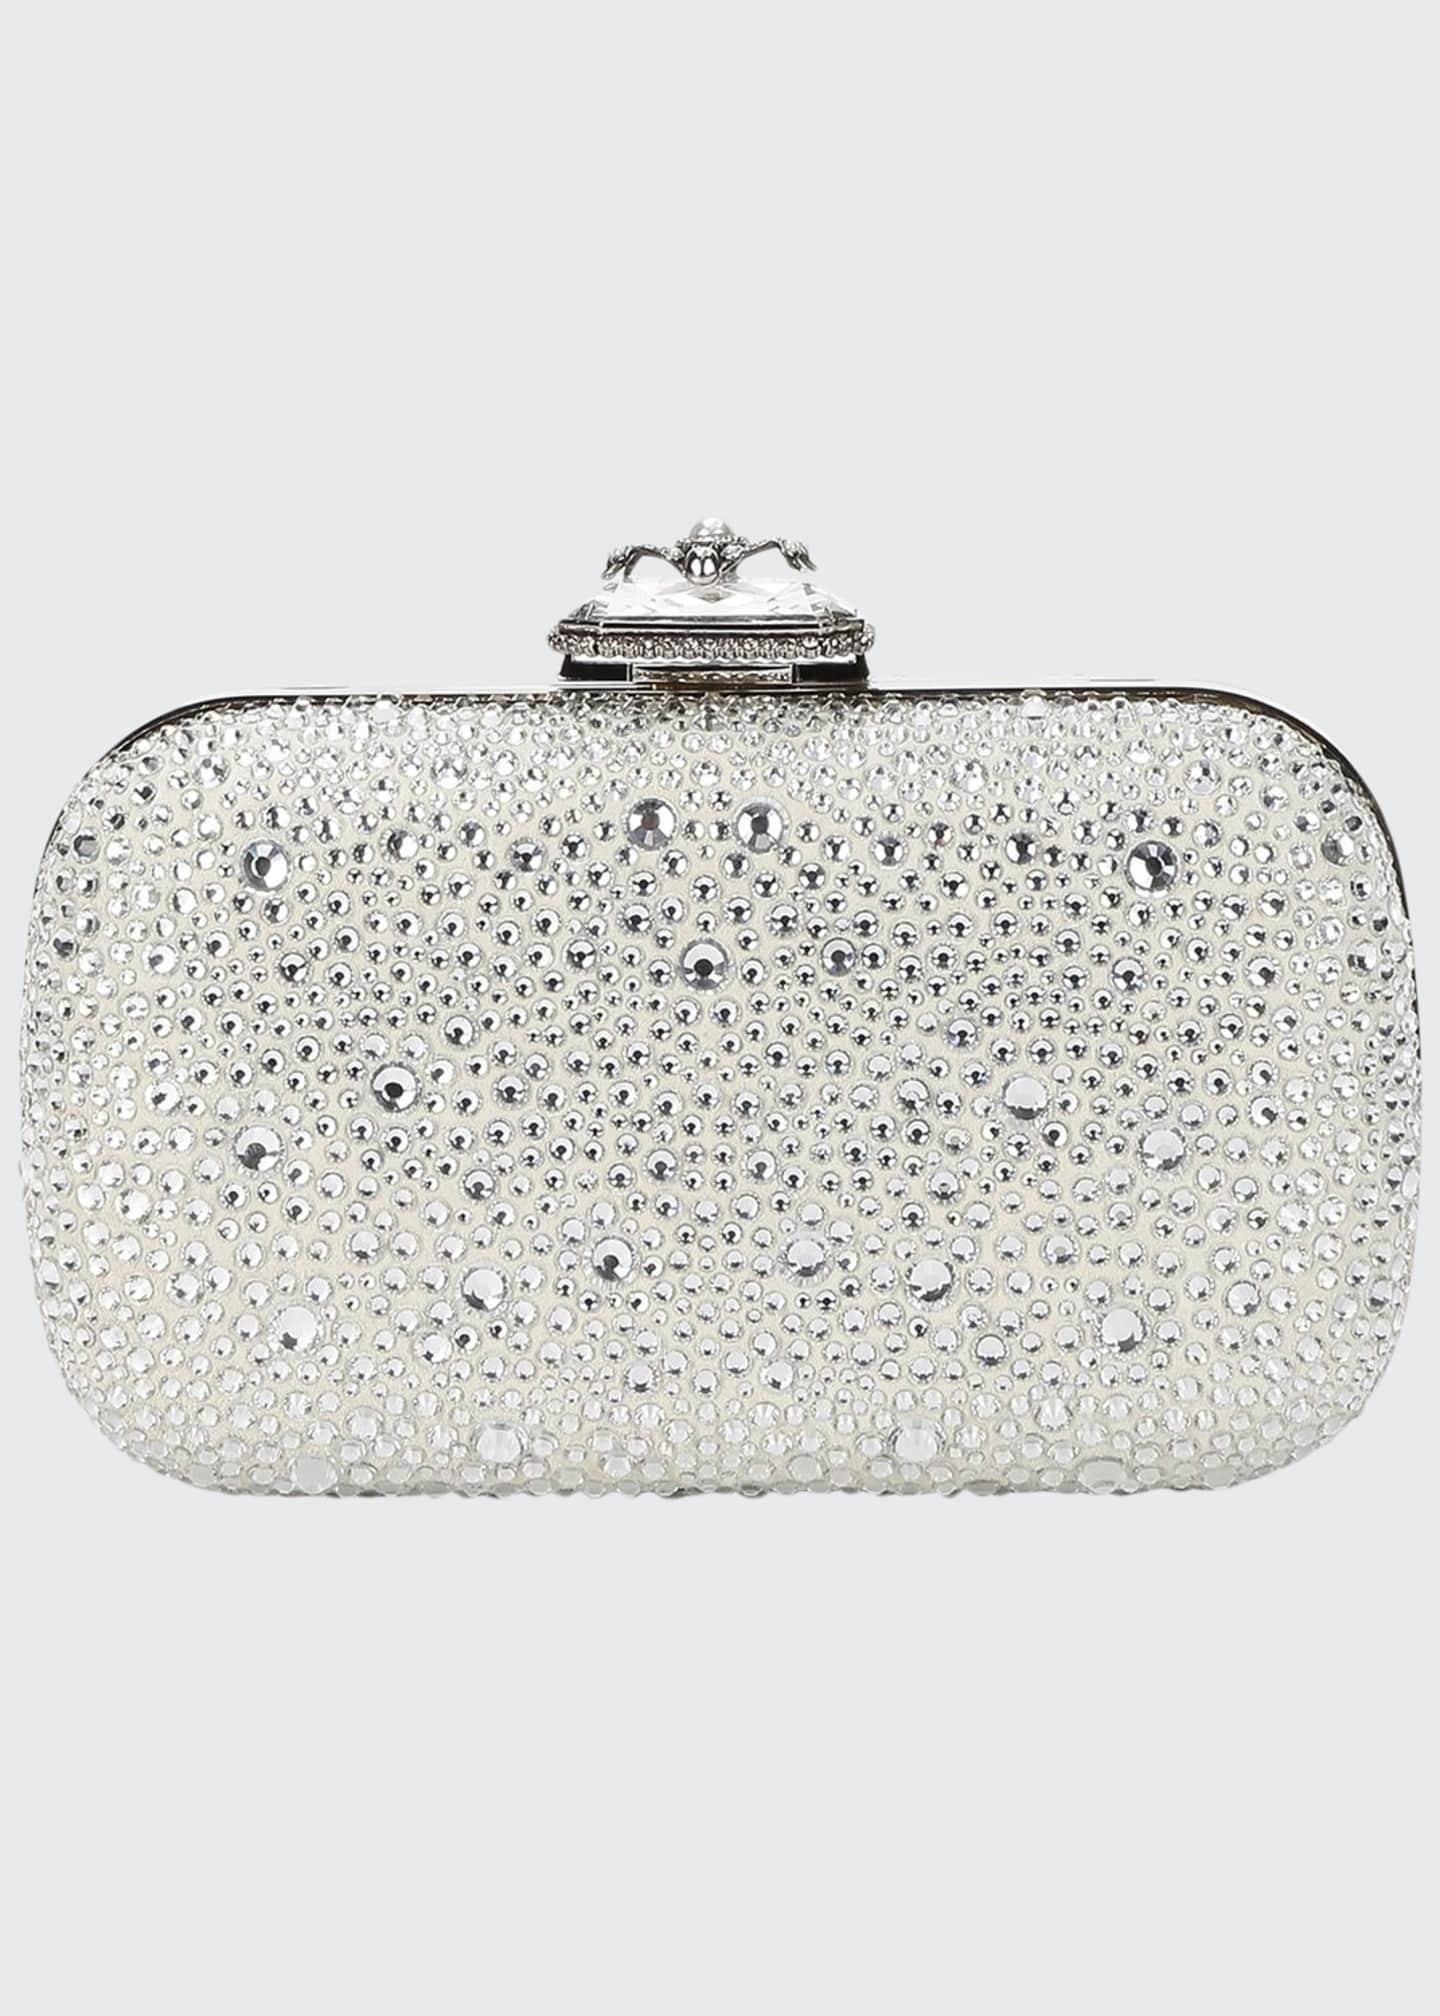 Alexander McQueen Spider Crystal Framed Clutch Bag